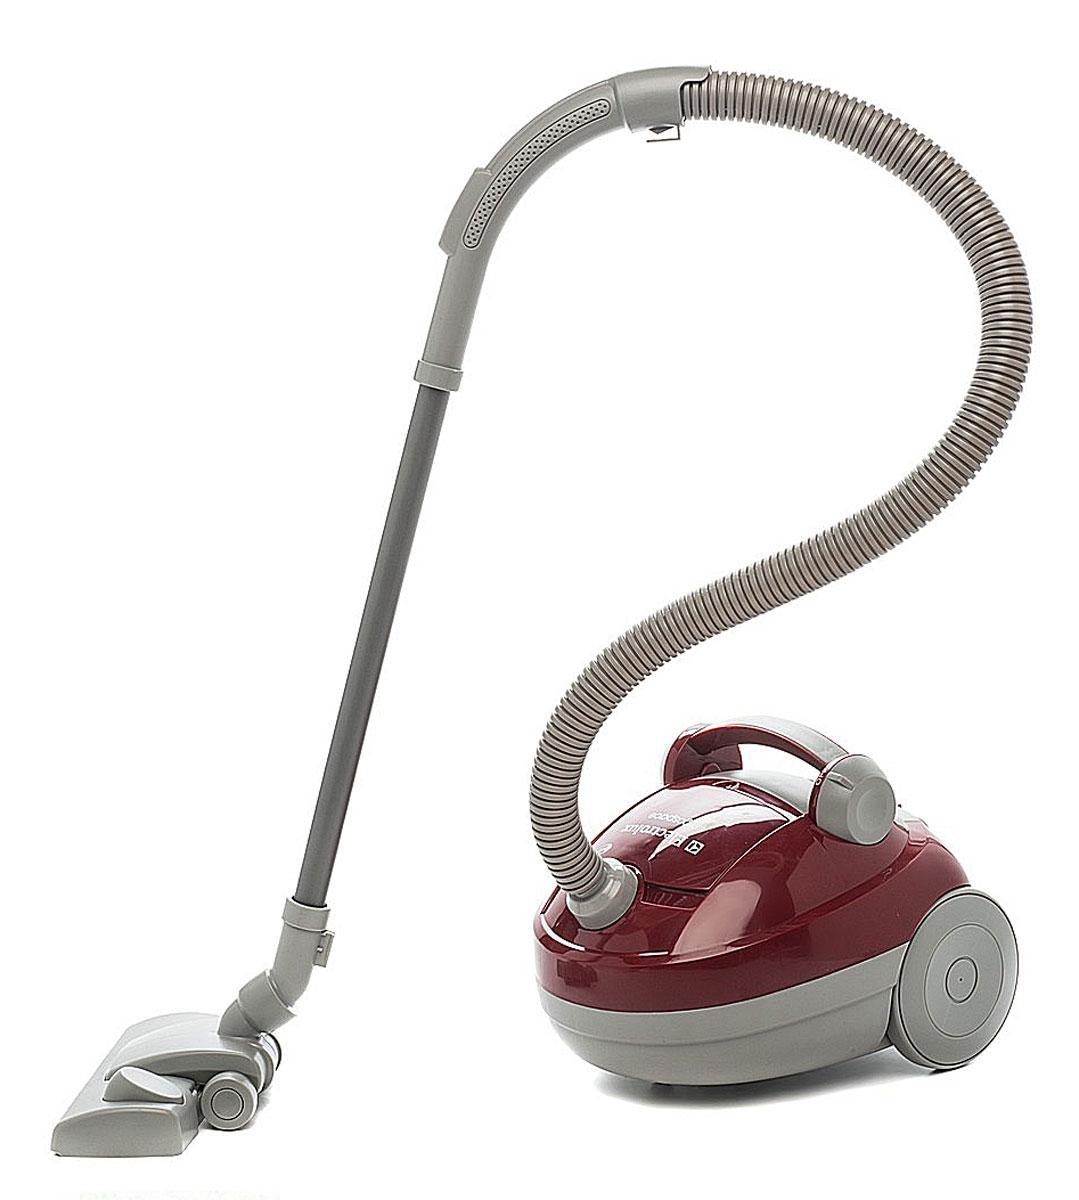 Klein Игрушечный пылесос Electrolux6888С игрушечным пылесосом Klein  Electrolux ваш ребенок сможет почувствовать себя совсем взрослым! Ведь эта модель с функциями для детей соответствует оригиналу. В комплект входят гибкий шланг, труба, насадка и набор шариков. Шарики будут имитировать грязь, которую можно убрать пылесосом. Пылесос снабжен удобной ручкой для переноски и функциональными колесиками. При нажатии на кнопку, пылесос начинает засасывать шарики мелкий мусор, издавая при этом характерные звуки для работающего пылесоса. Пылесос легкий и маневренный, его удобно катать на двух колесиках. После уборки насадку можно подвесить на нижней части пылесоса и таким образом переносить его. Порадуйте своего ребенка таким великолепным подарком! Благодаря продуманному дизайну и малому весу, с этим игрушечным пылесосом справится даже самый юный помощник! Необходимо докупить 4 батарейки типа С (не входят в комплект). Для работы требуются 3 батарейки типа LR14 (не входят в комплект).